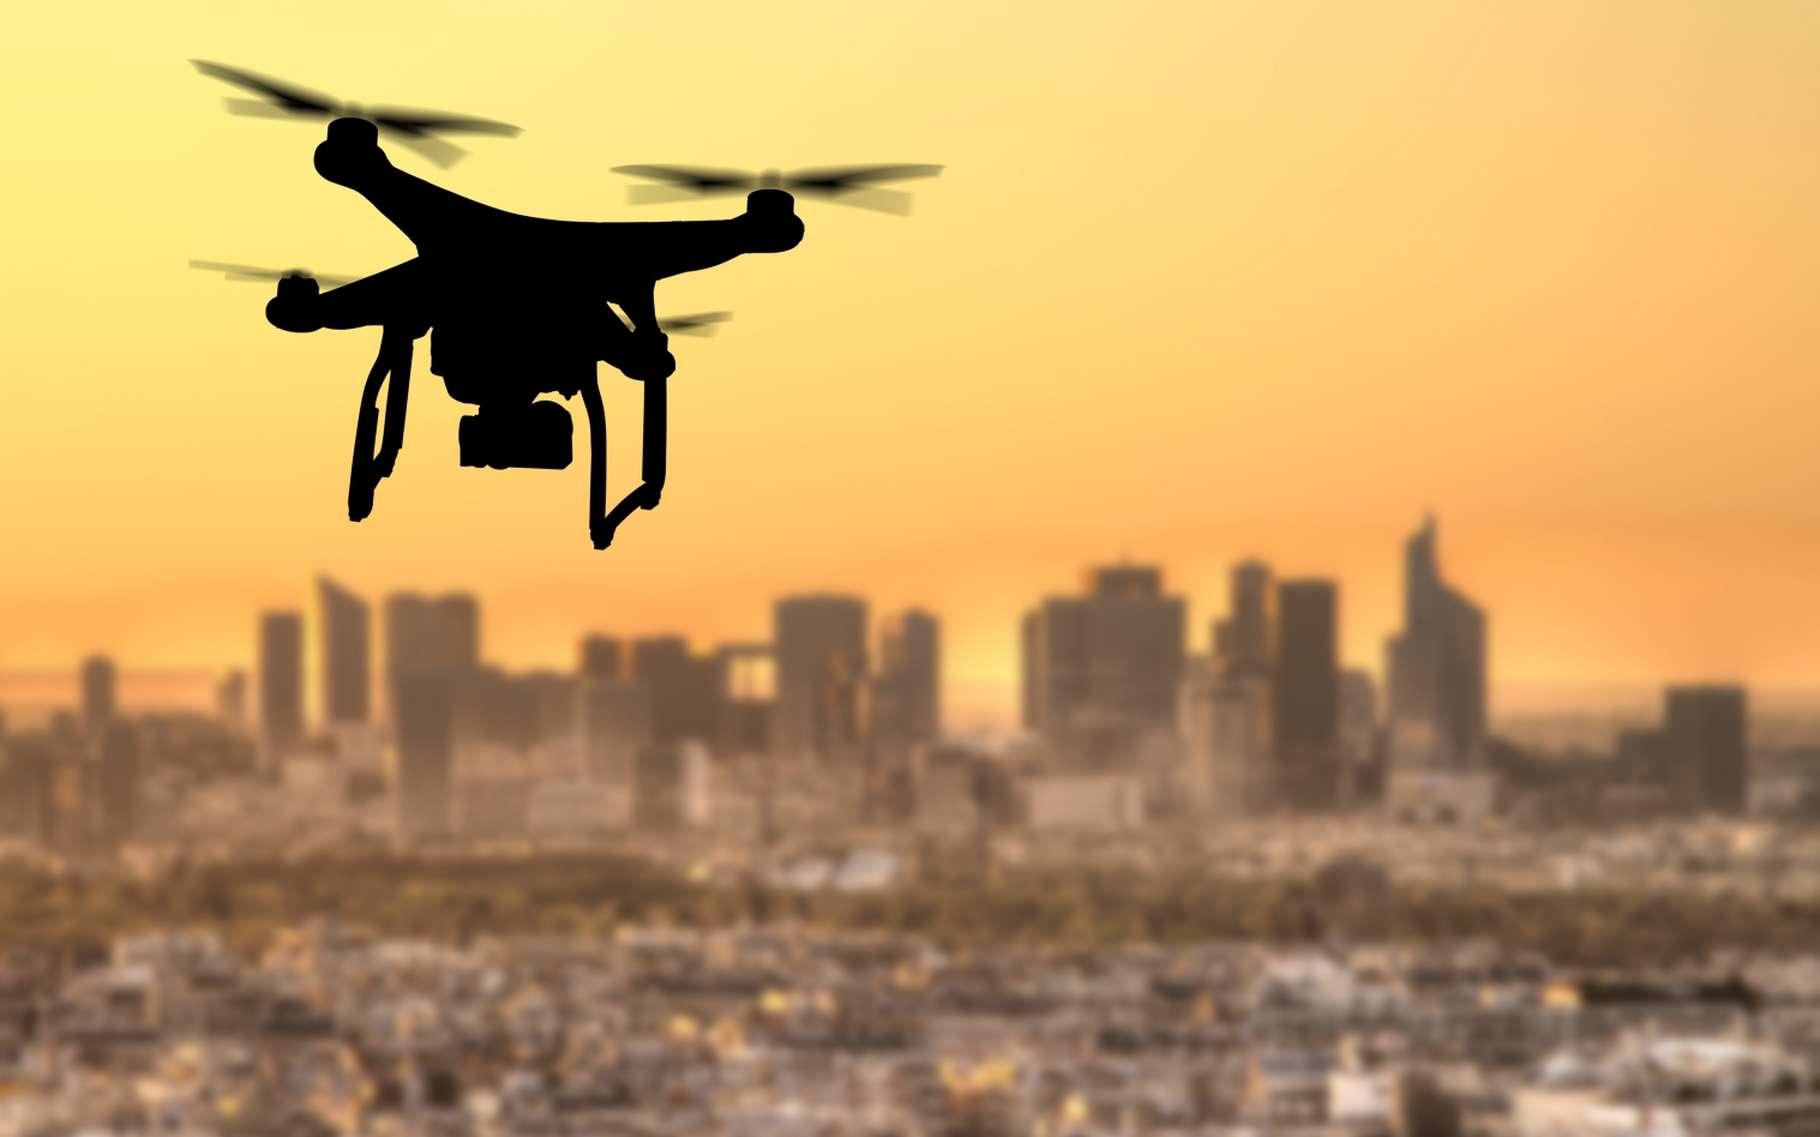 Les drones livreurs se multiplient dans le monde. La Poste vient, en décembre 2016, de commencer les expérimentations en service réel. © Jag_cz